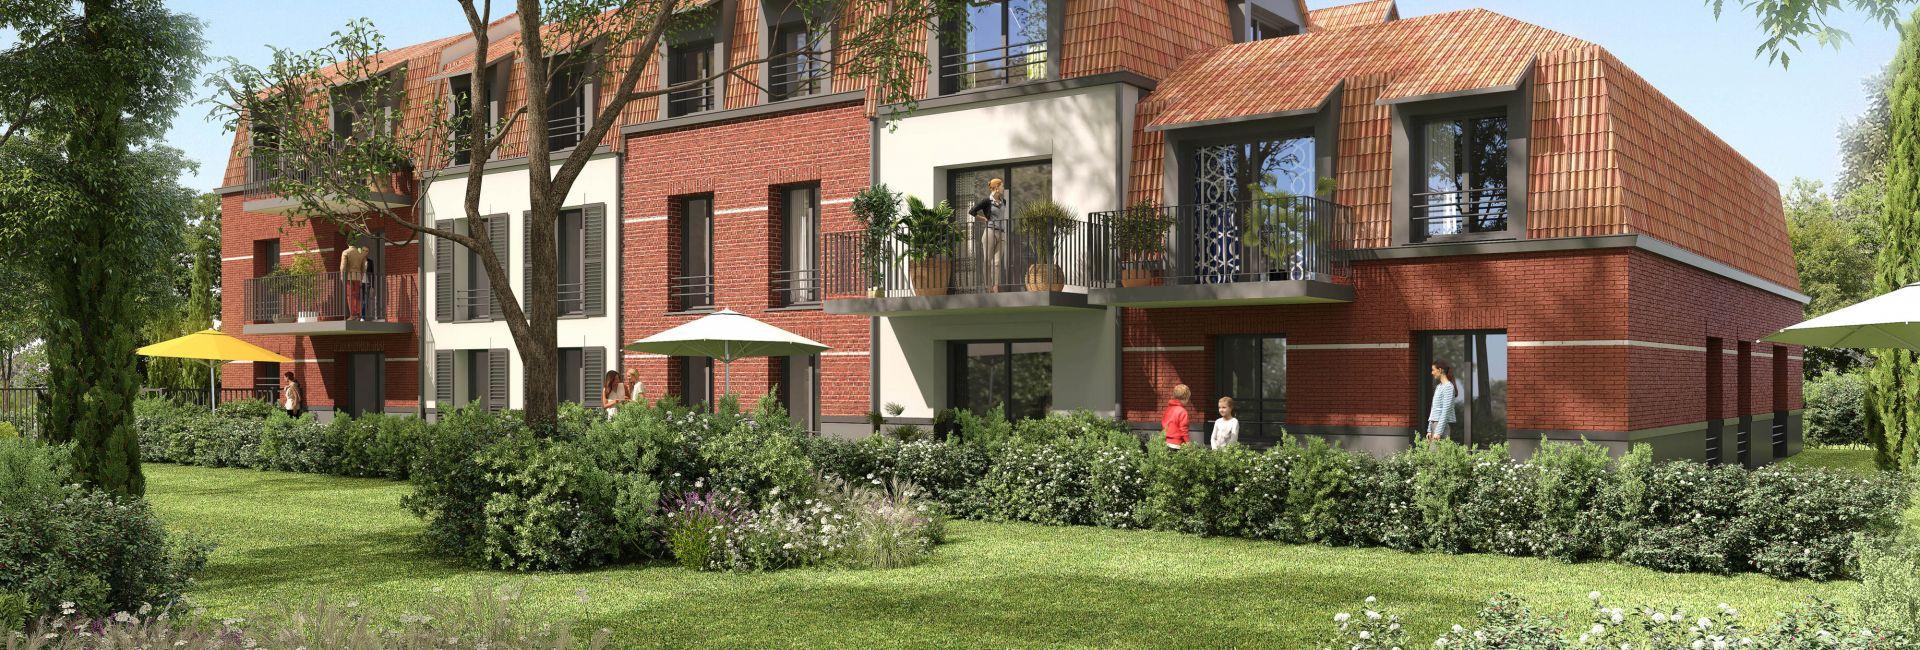 Programme immobilier le domaine du saule - Image 2